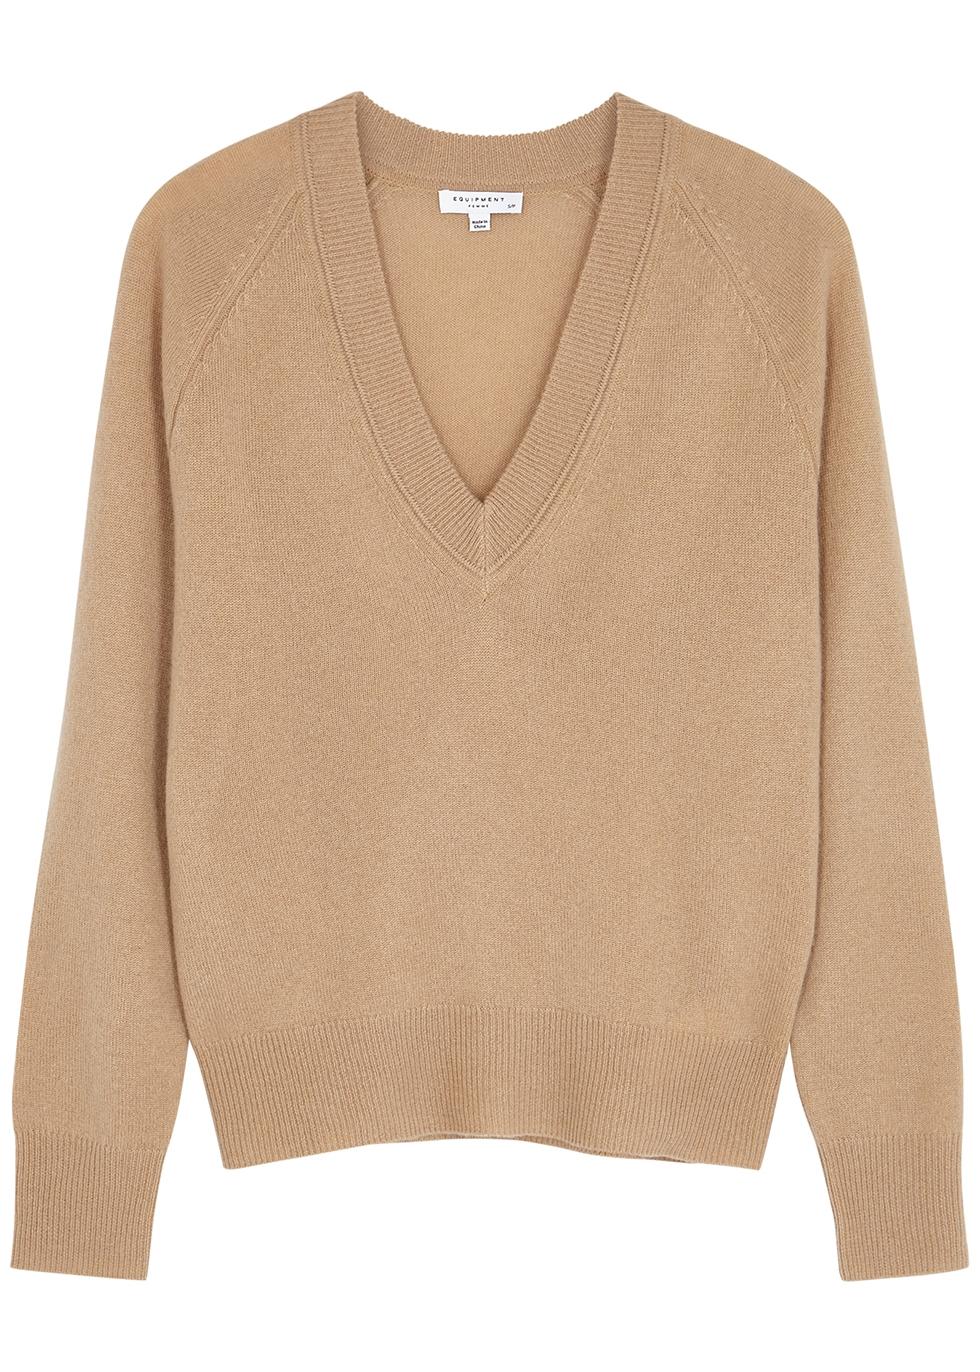 Camel cashmere jumper